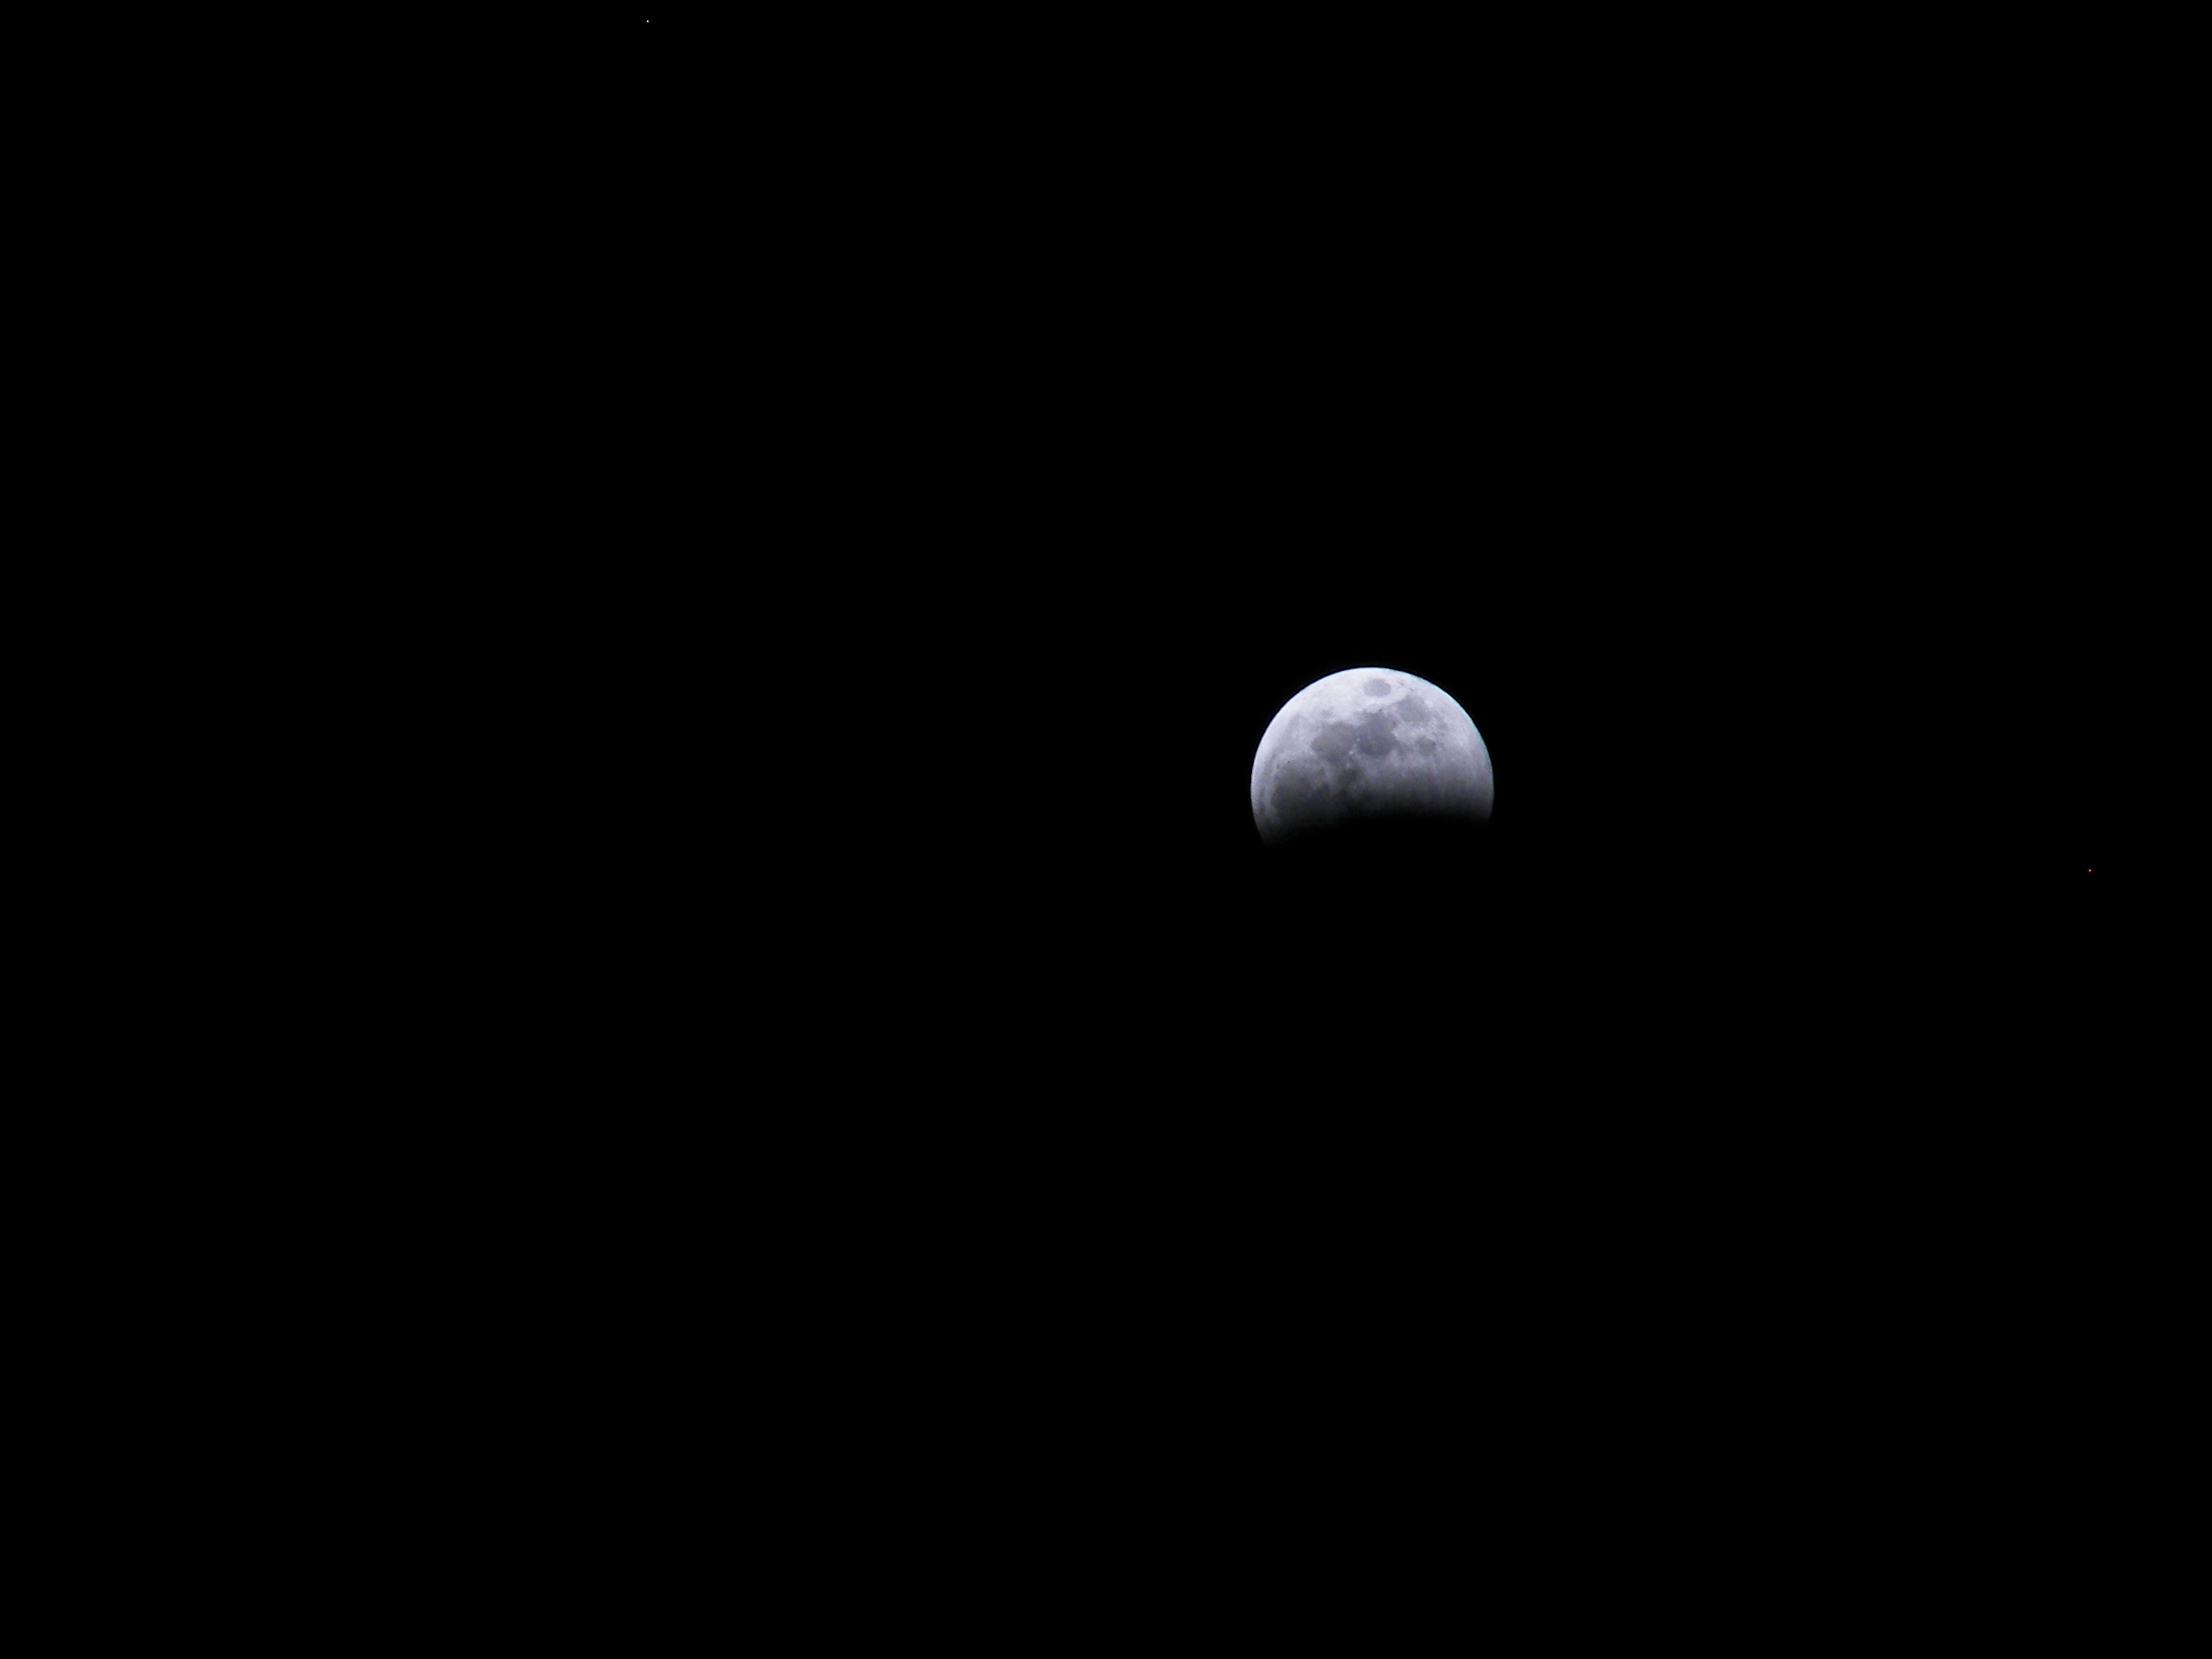 Eclipse_3_3_07 016.jpg